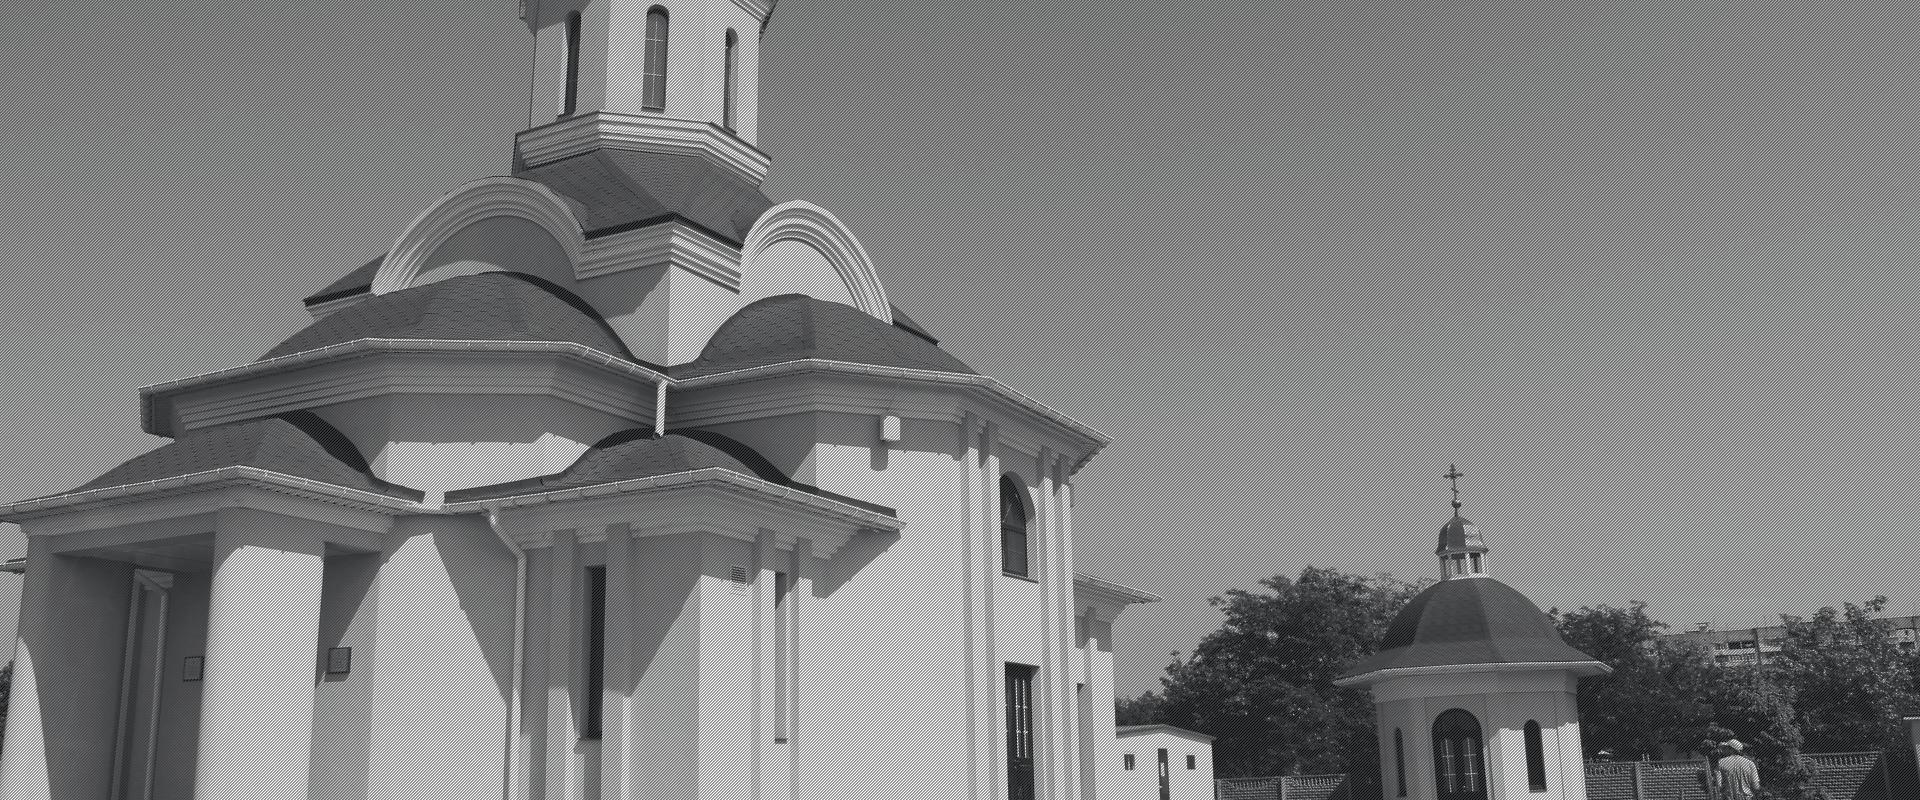 Монтаж бітумної черепиці KATEPAL. Запоріжжя, 2012